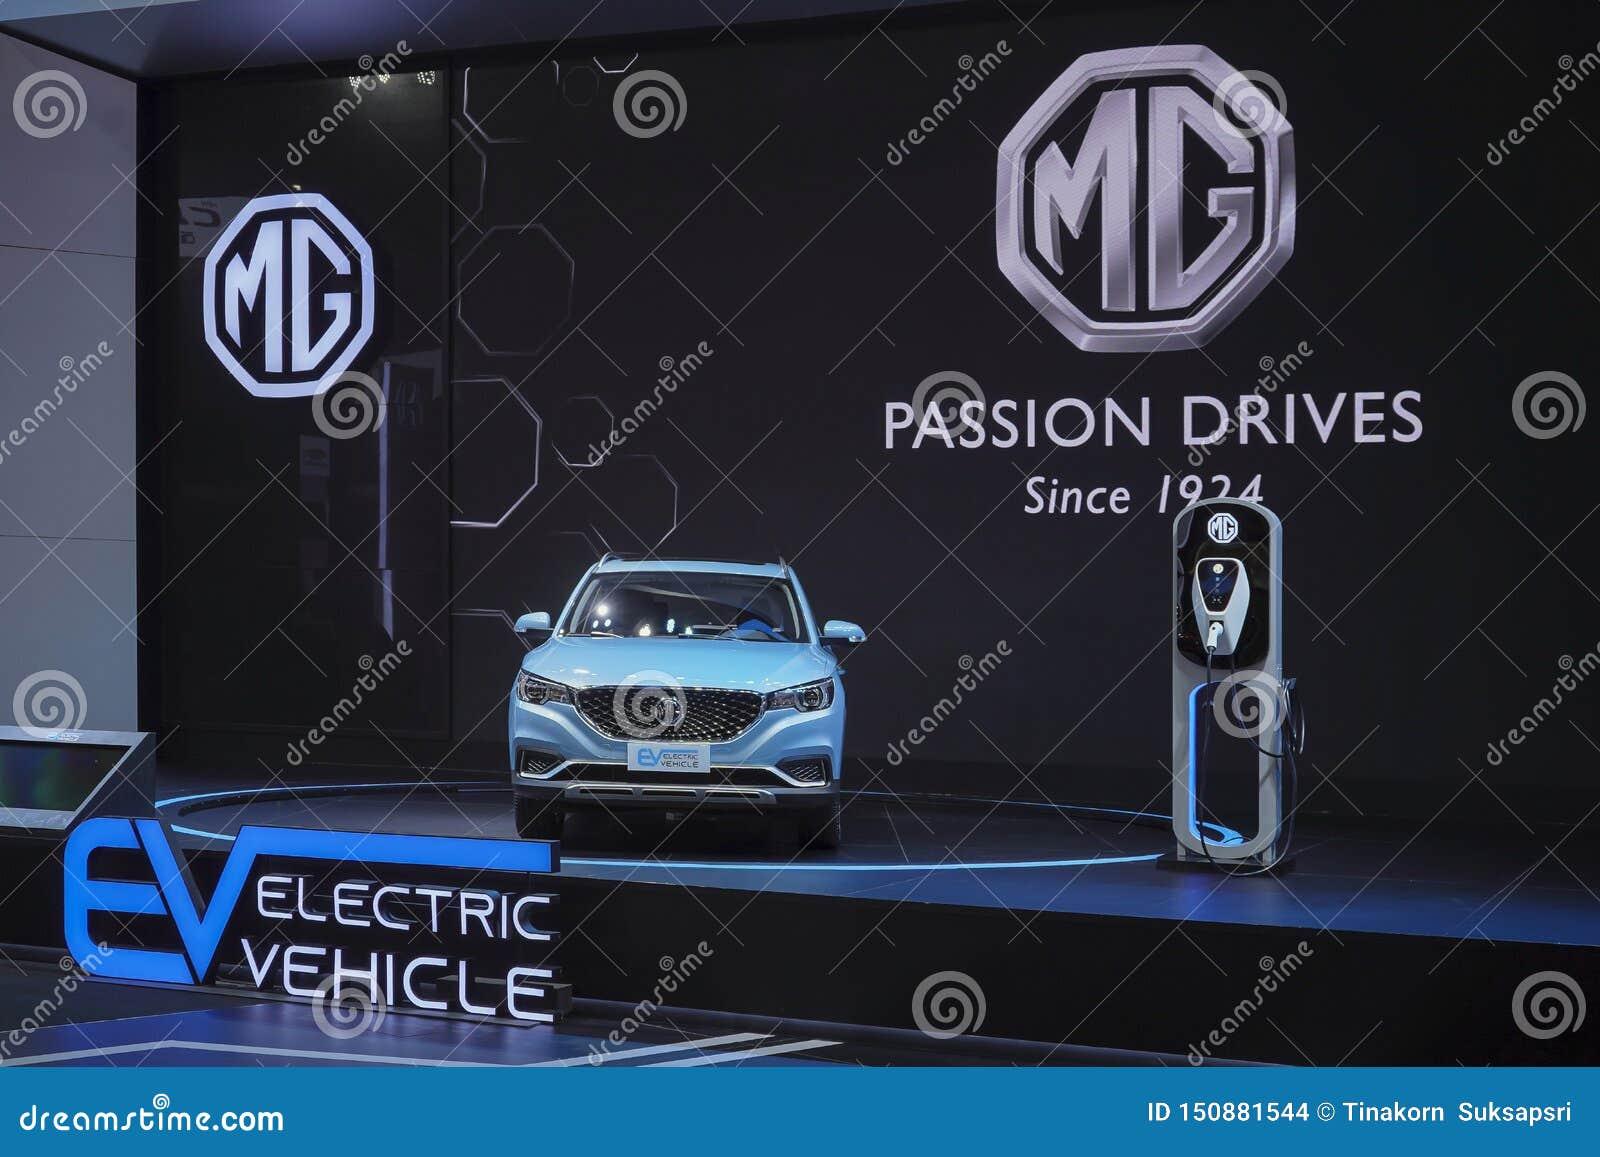 Βυσματωτή υβριδική ηλεκτρική τεχνολογία οχημάτων MG EV για το περιβάλλον στην επίδειξη στη διεθνή έκθεση αυτοκινήτου 2019 της 40η